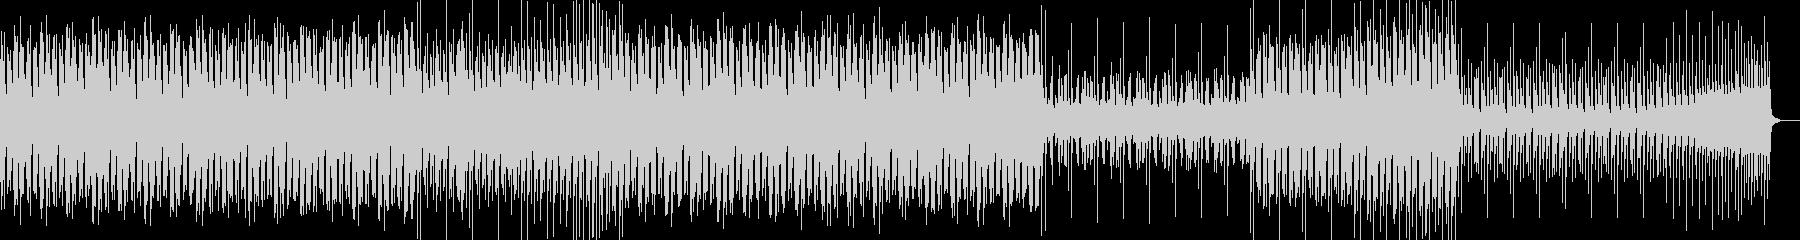 踊れるエレクトロスウィング風BGMの未再生の波形